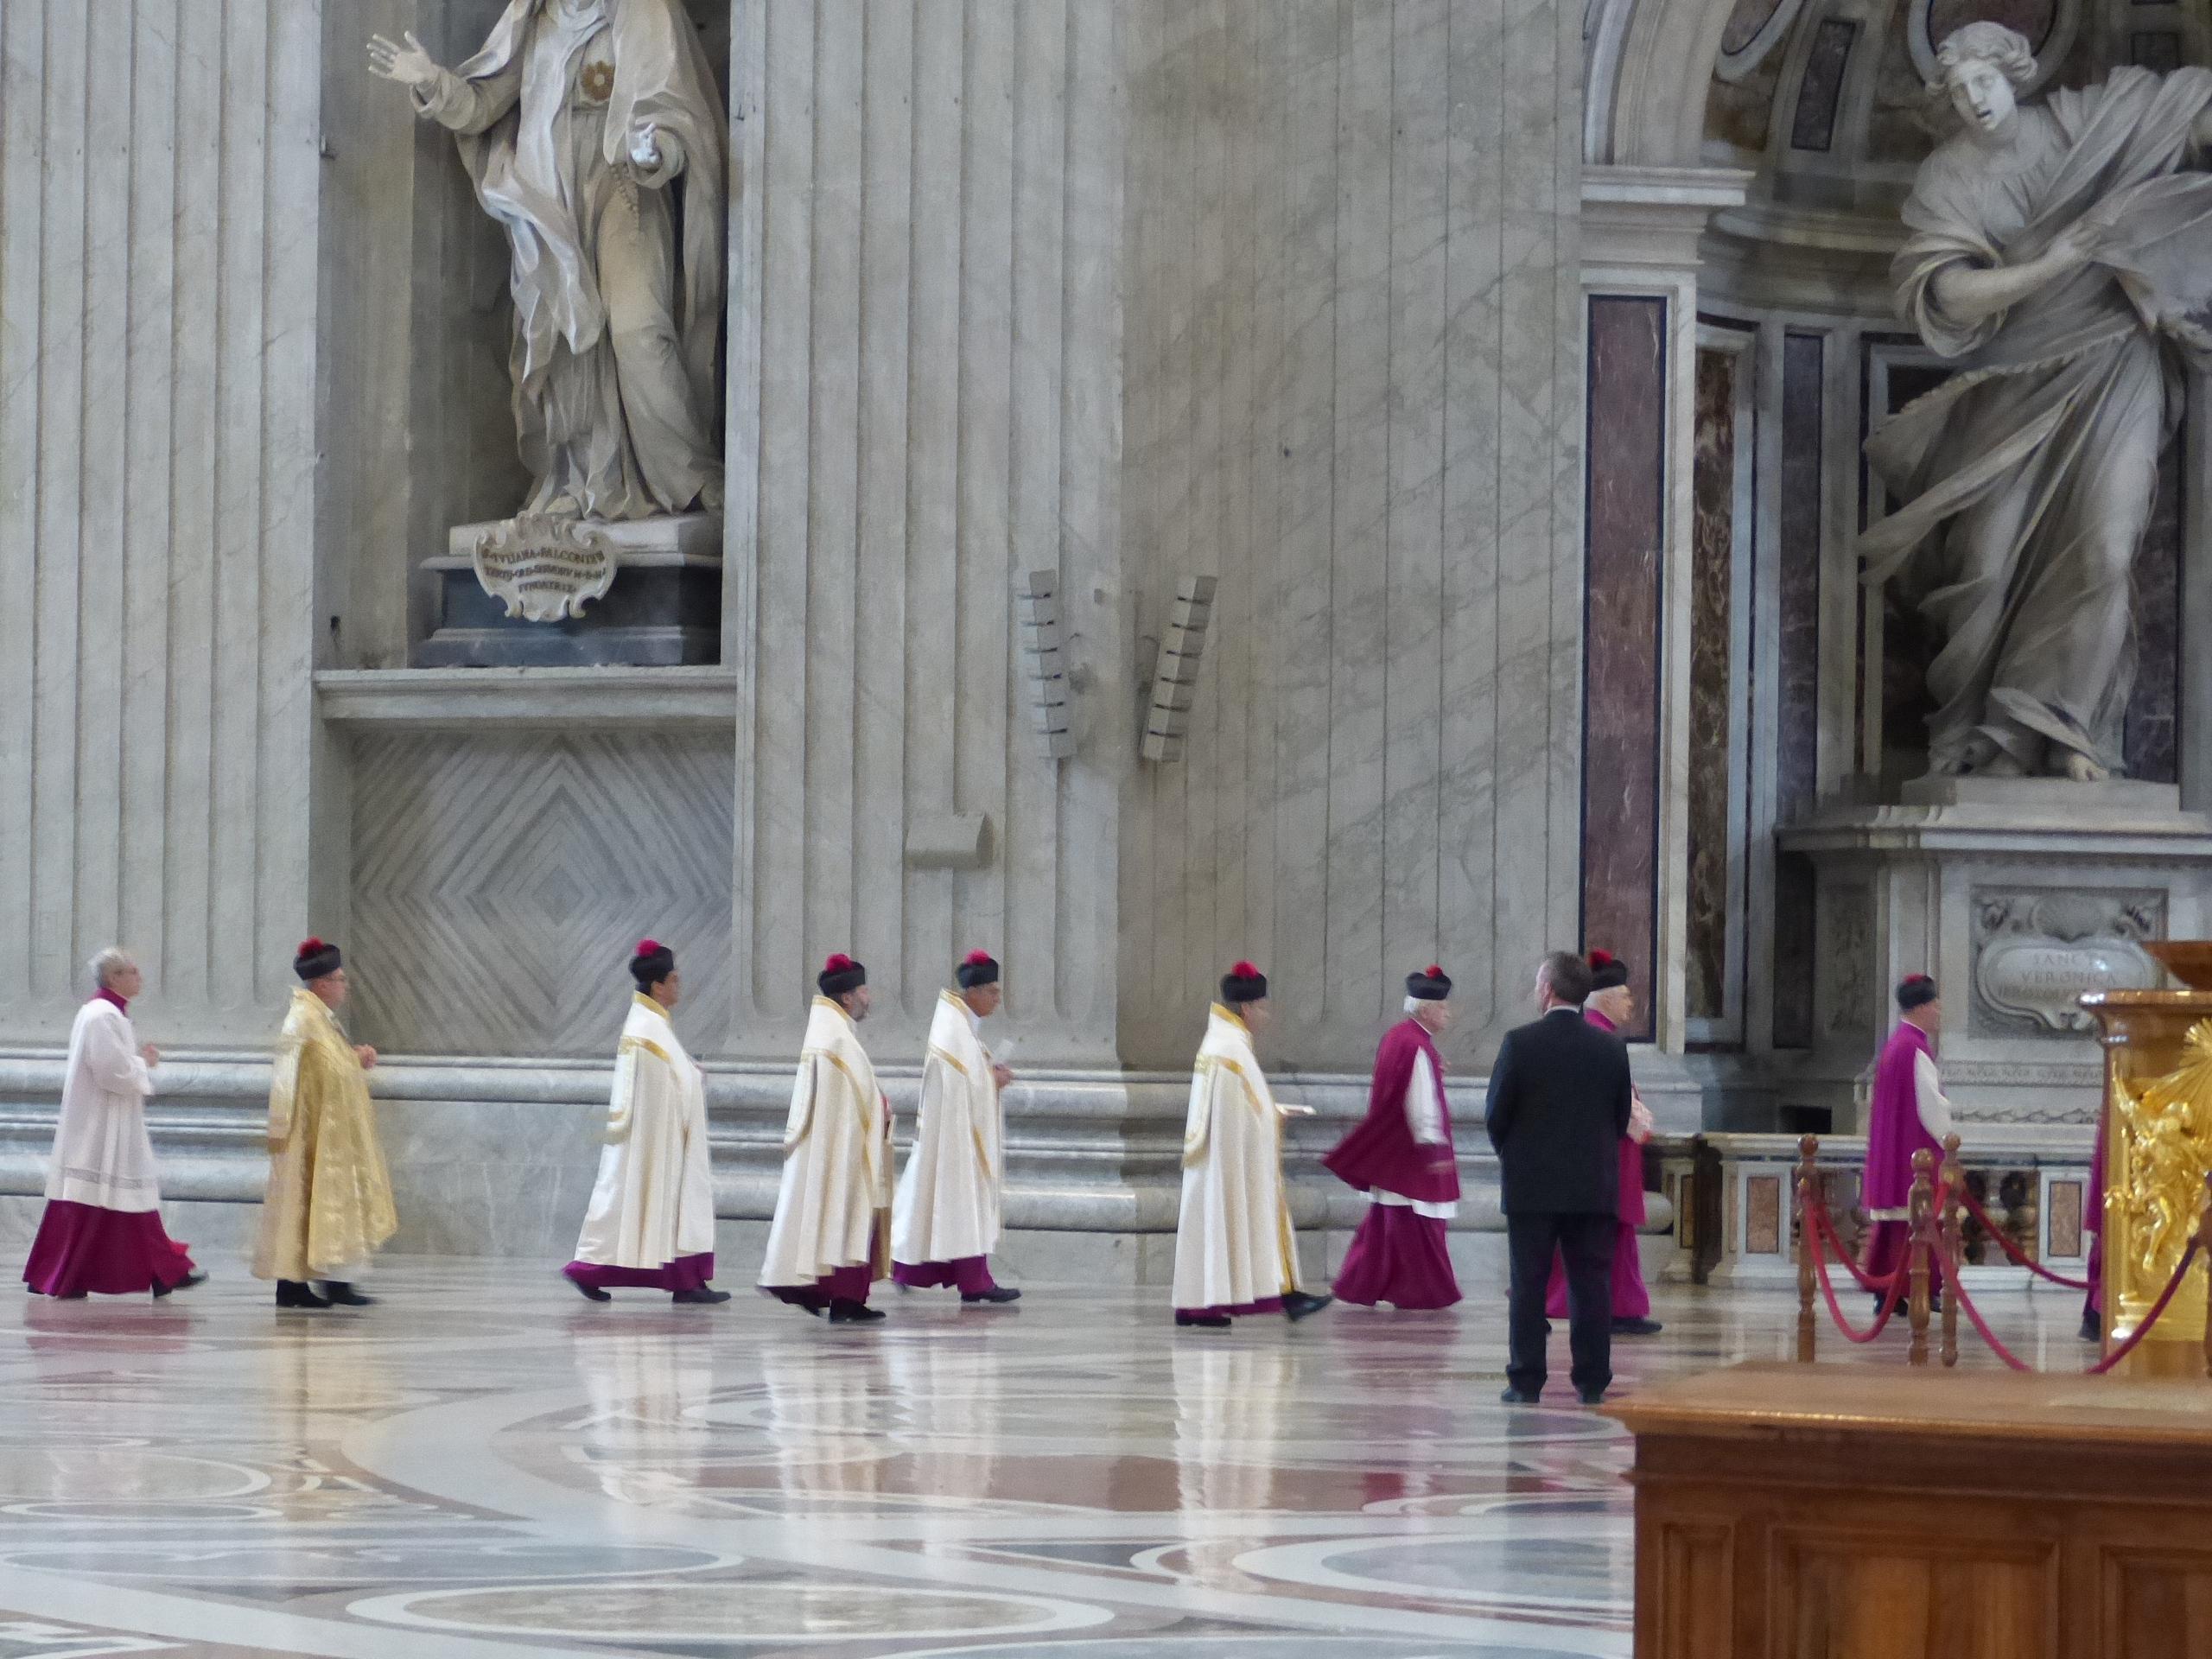 la messe va commencer